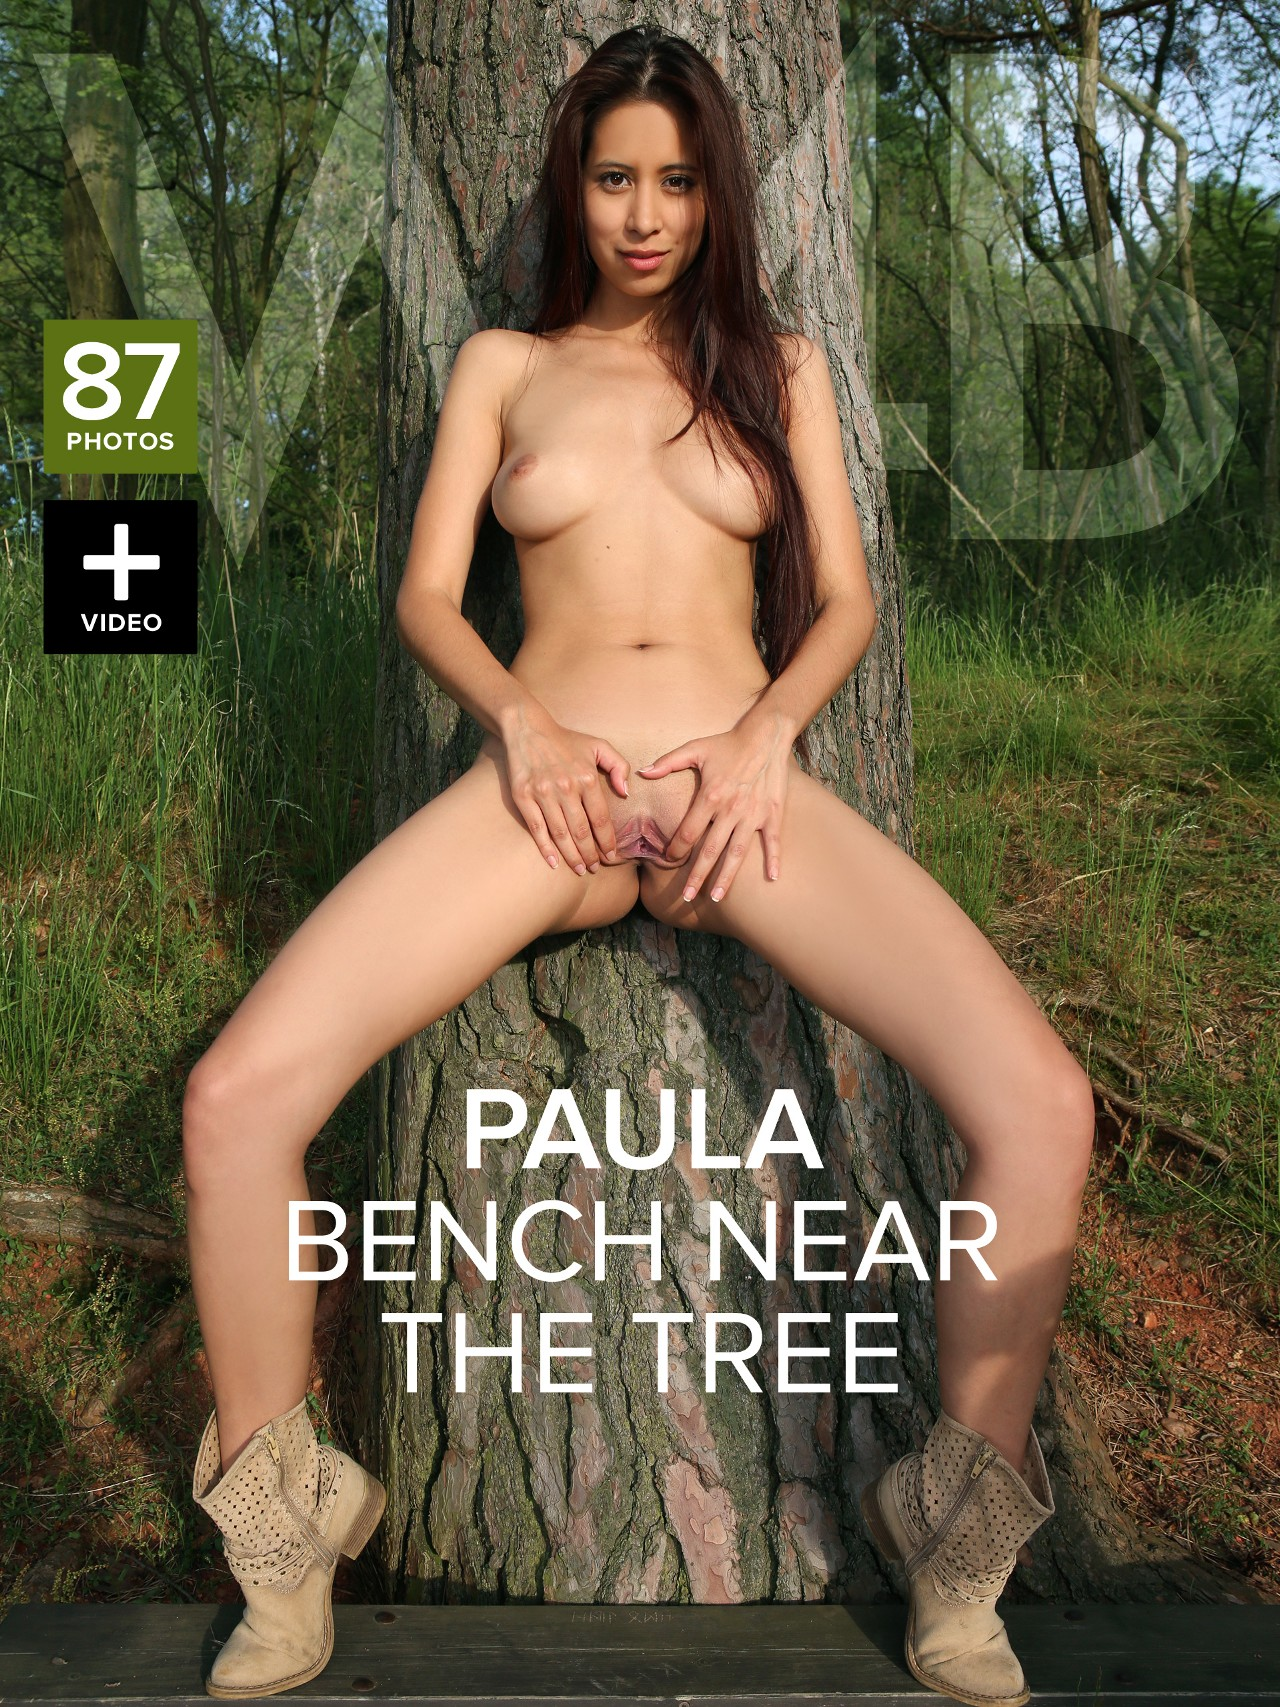 Paula Shy: Bench near the tree